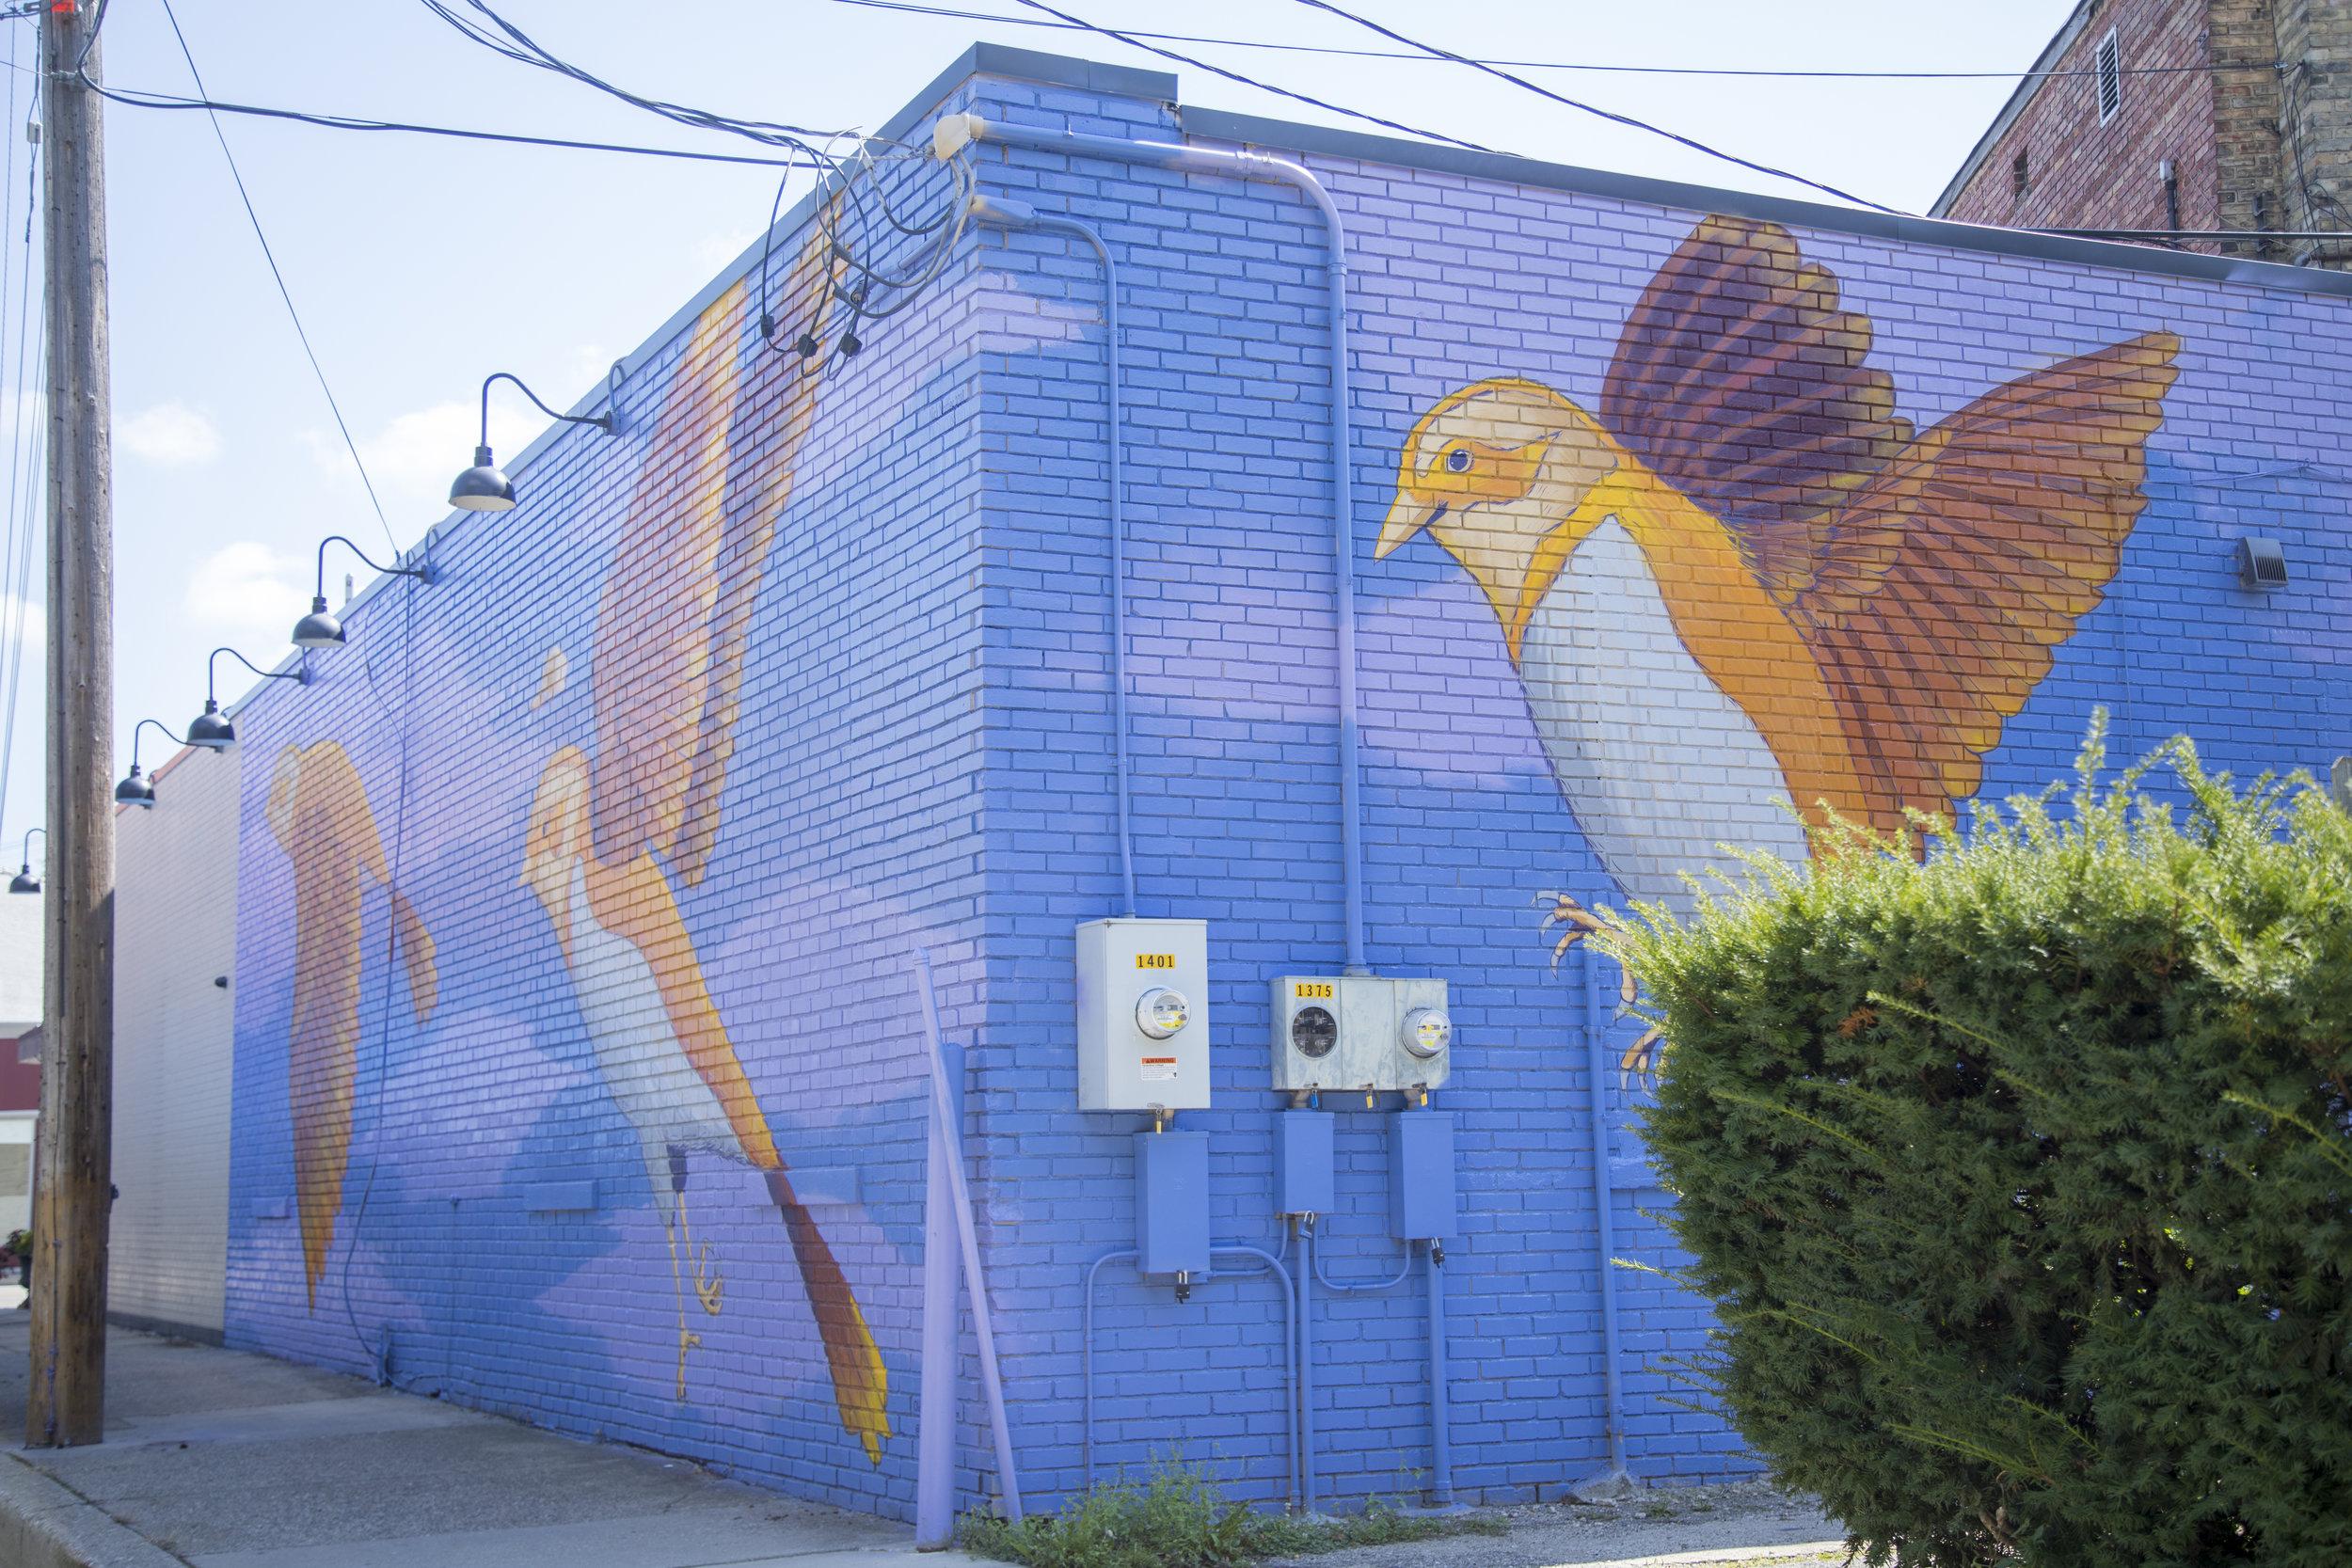 Nick Nortier mural in Creston